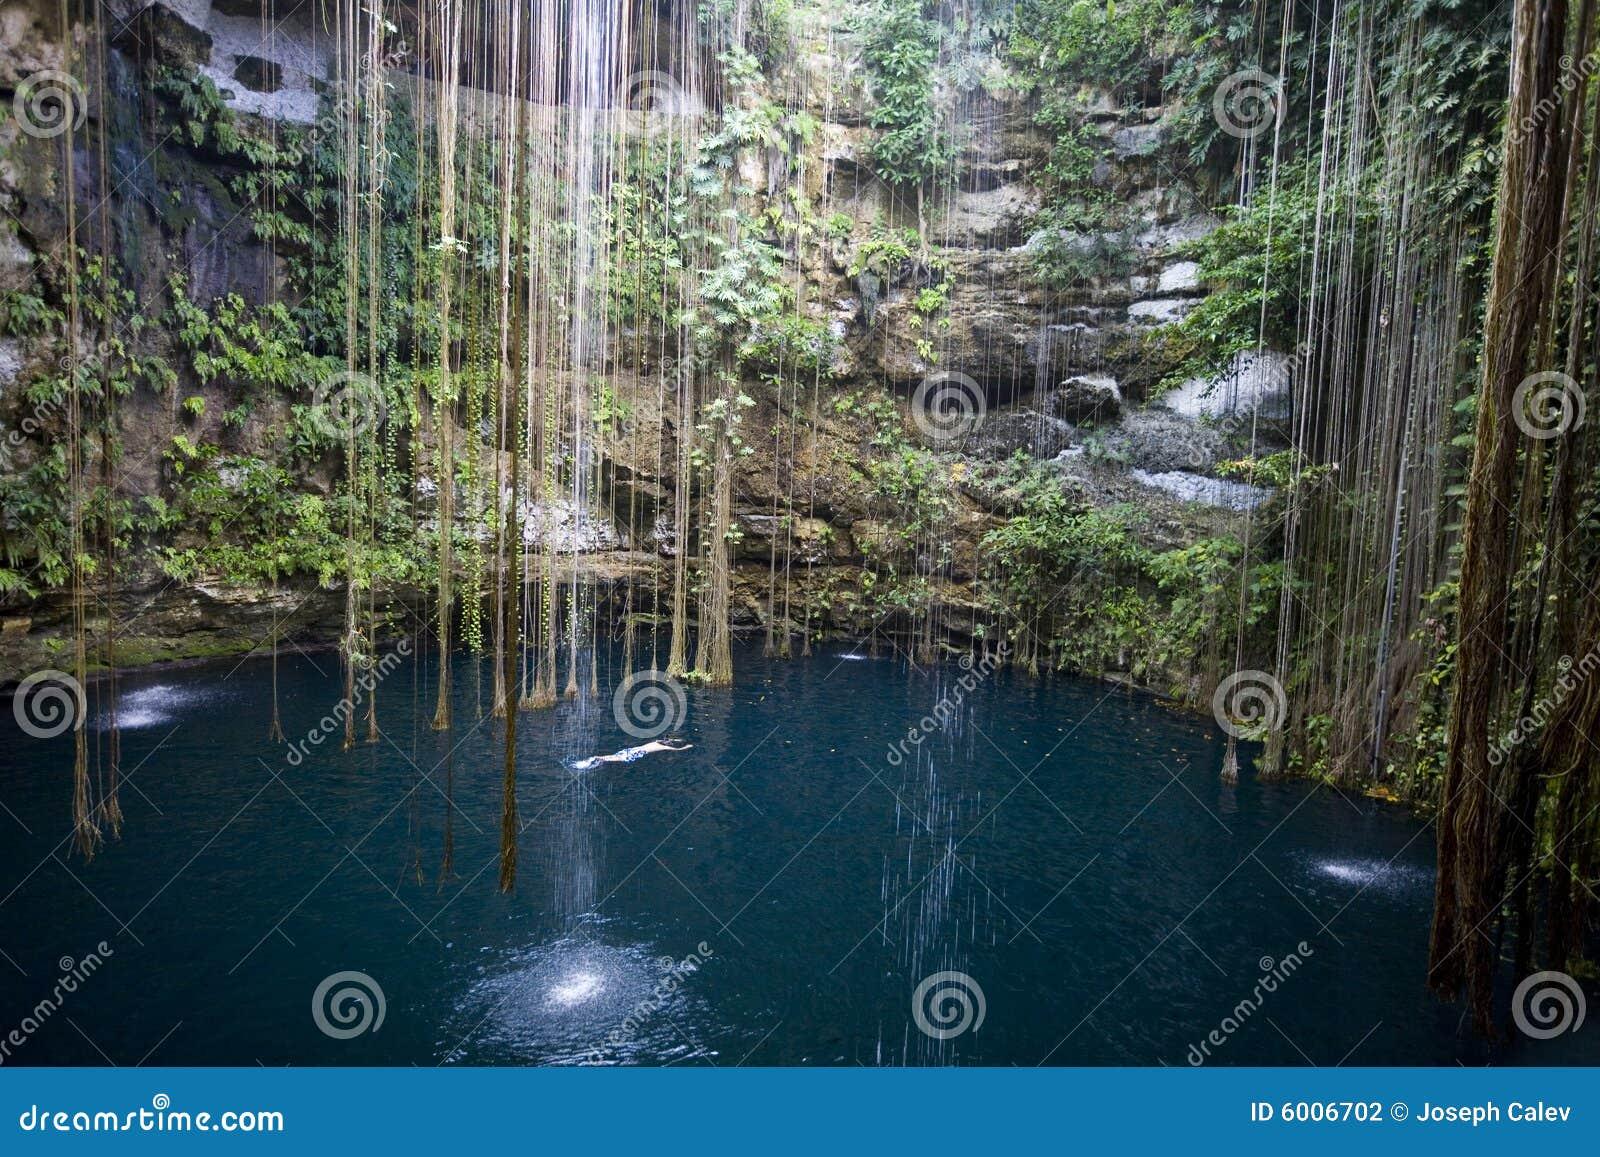 Ik-kil Cenote Yucatan Mexico Stock Photography - Image: 6006702